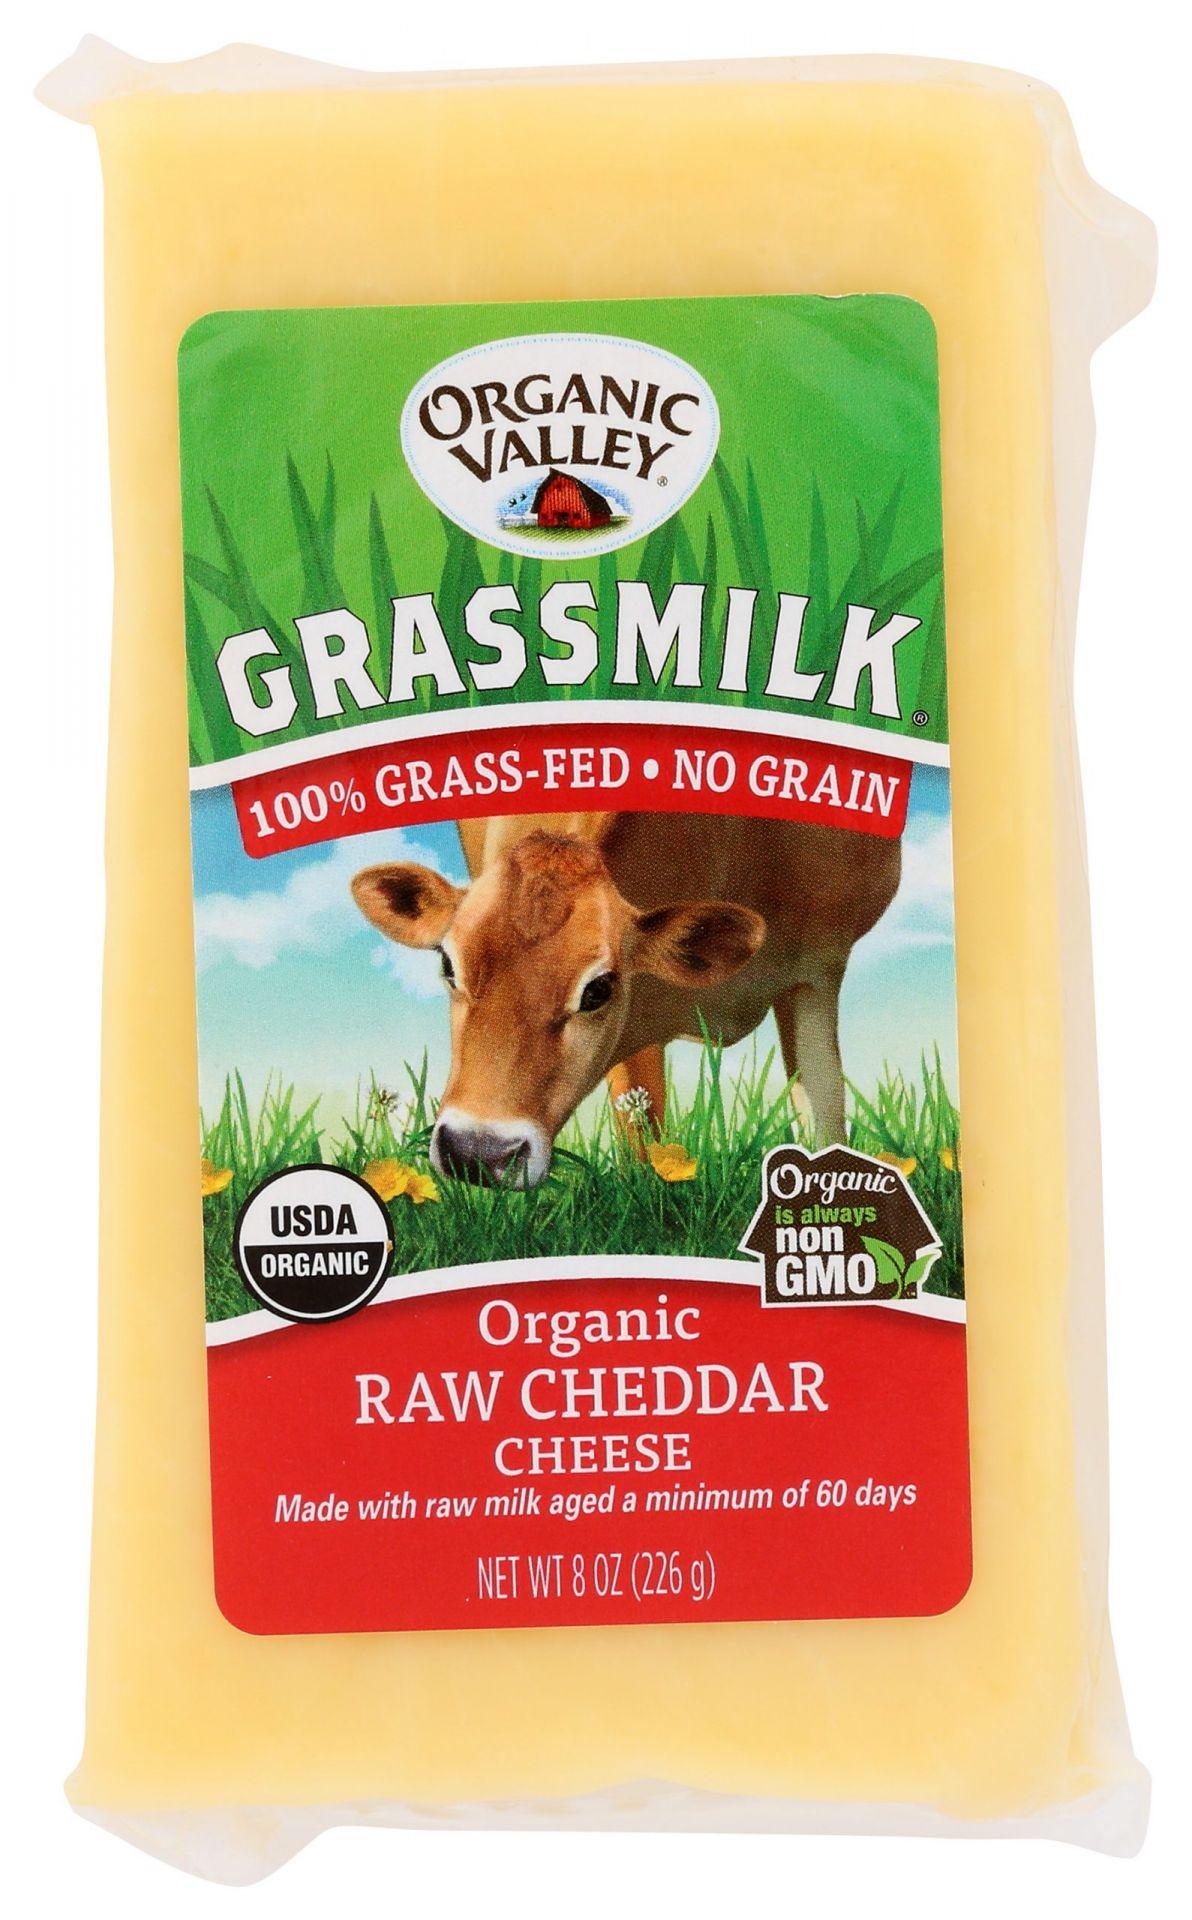 organic valley cheddar cheese grassmilk raw cheddar 8 oz